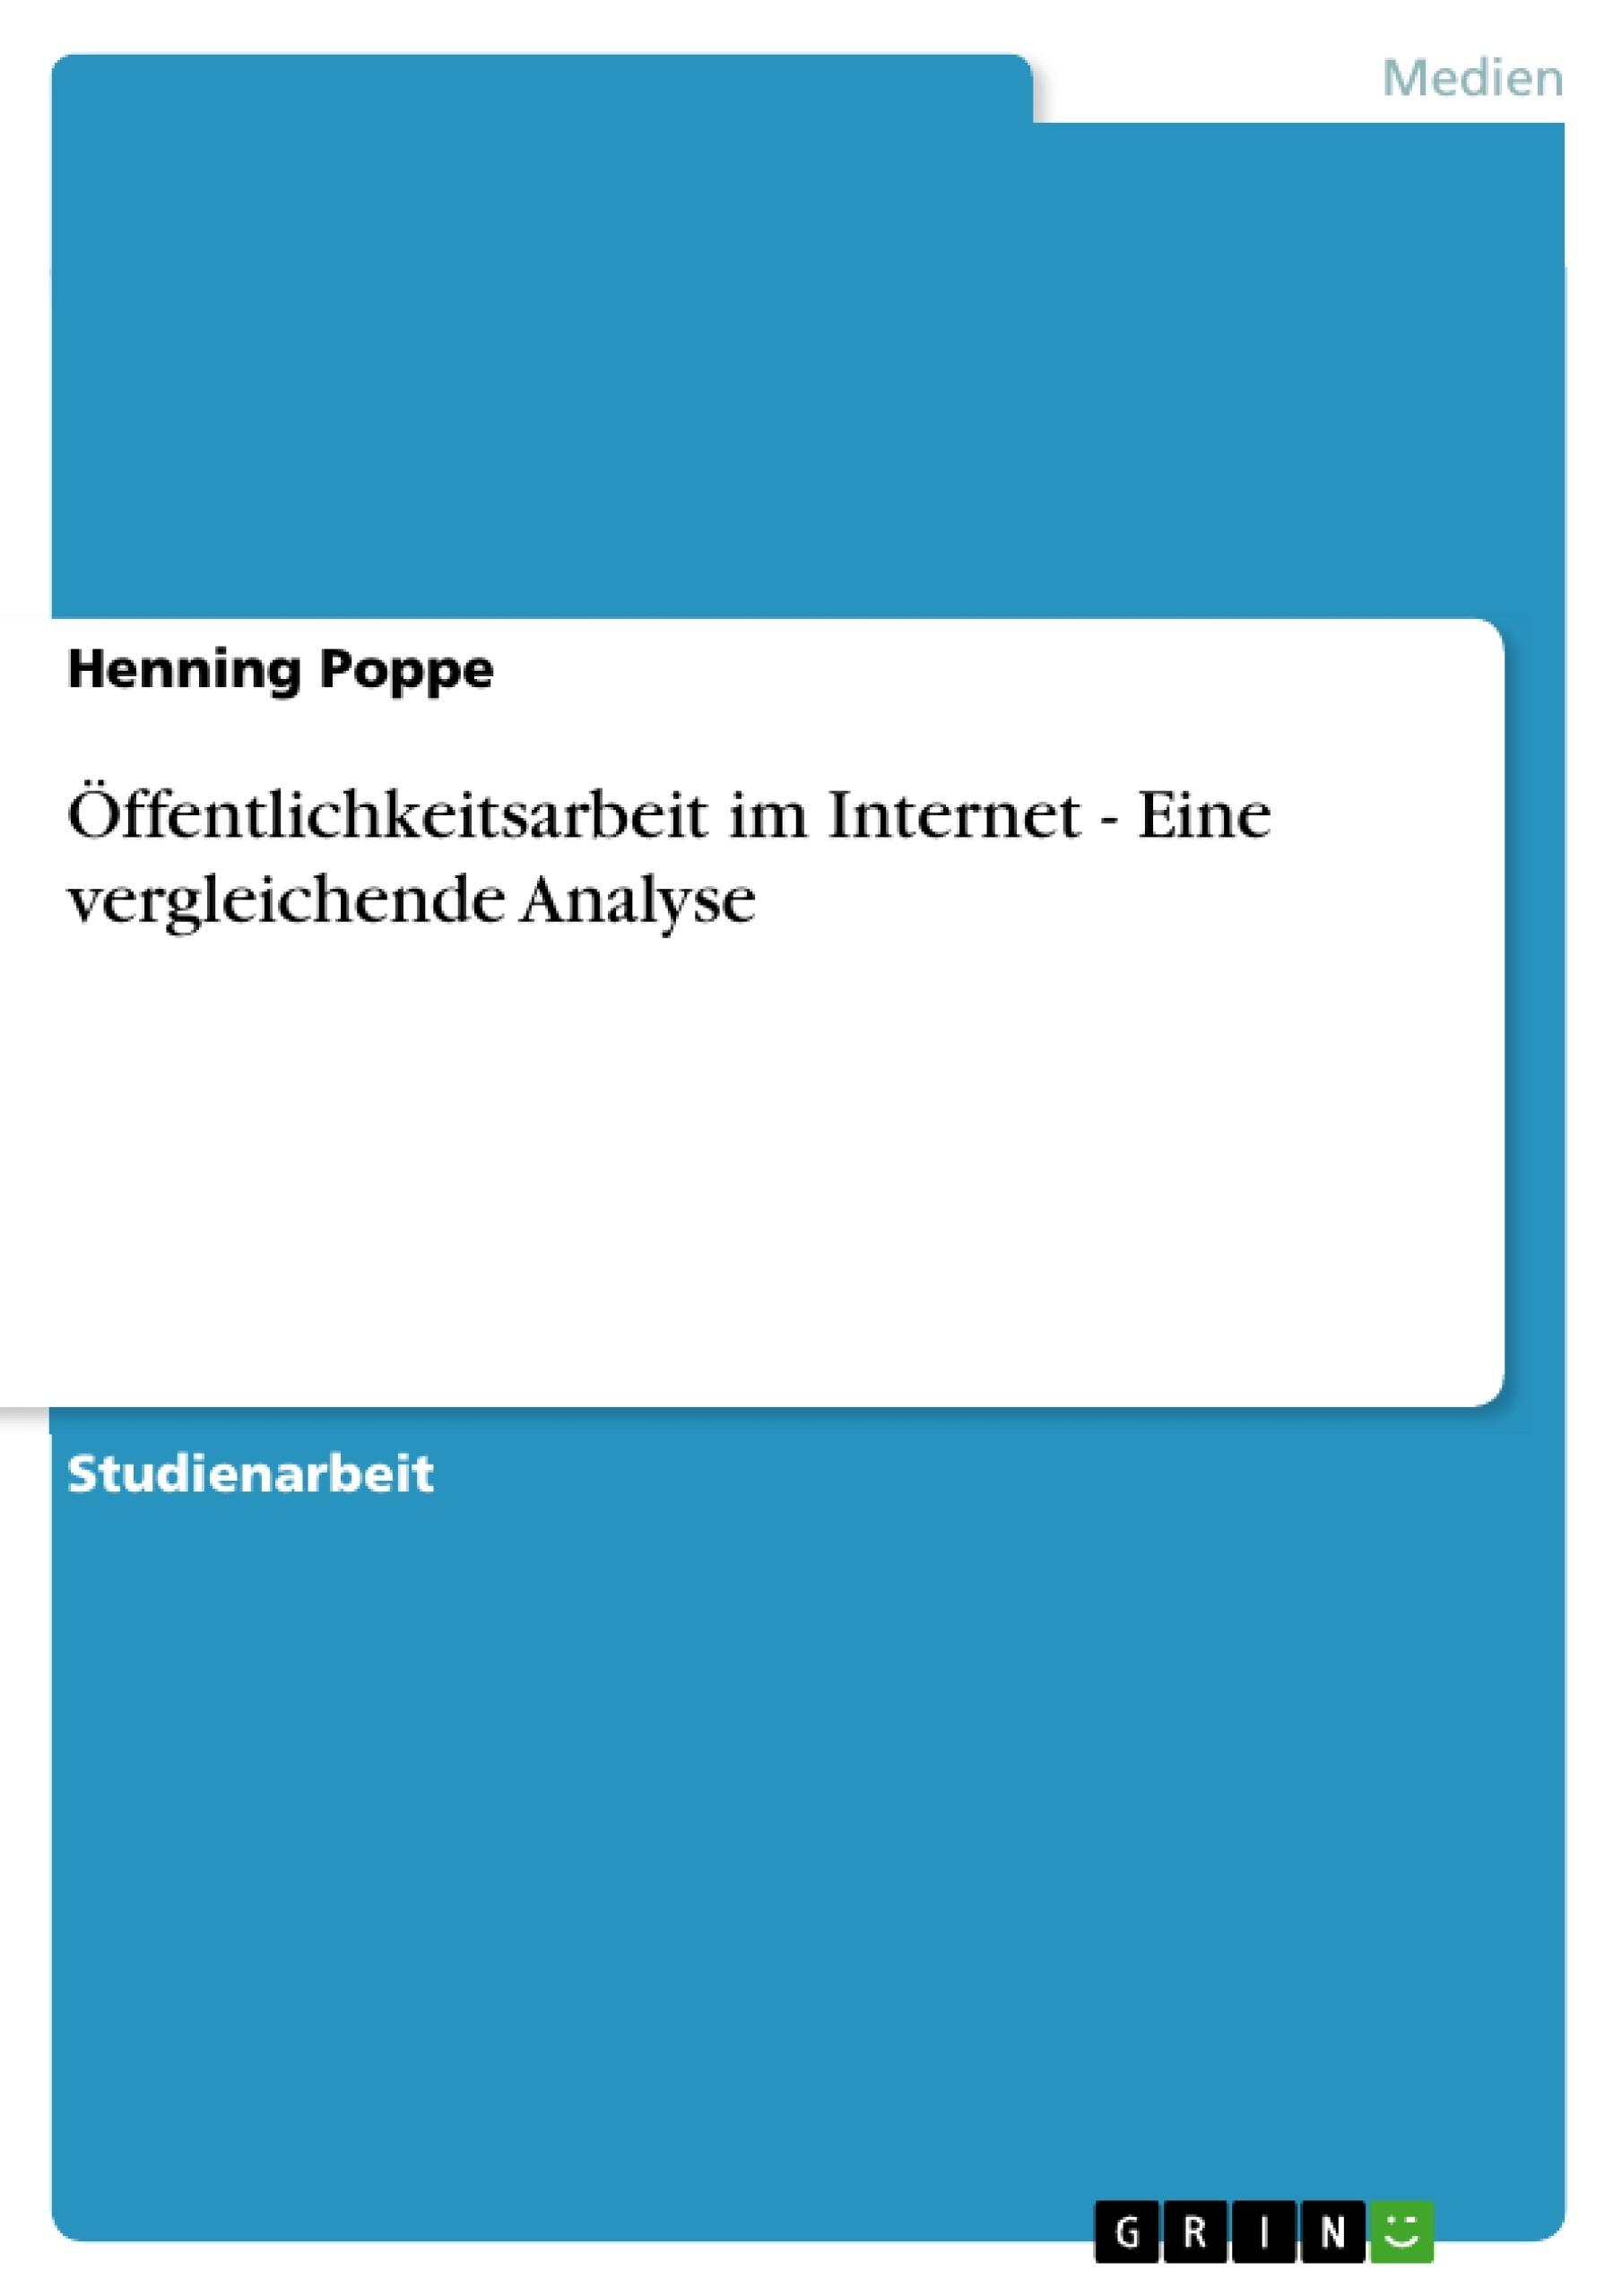 Titel: Öffentlichkeitsarbeit im Internet - Eine vergleichende Analyse